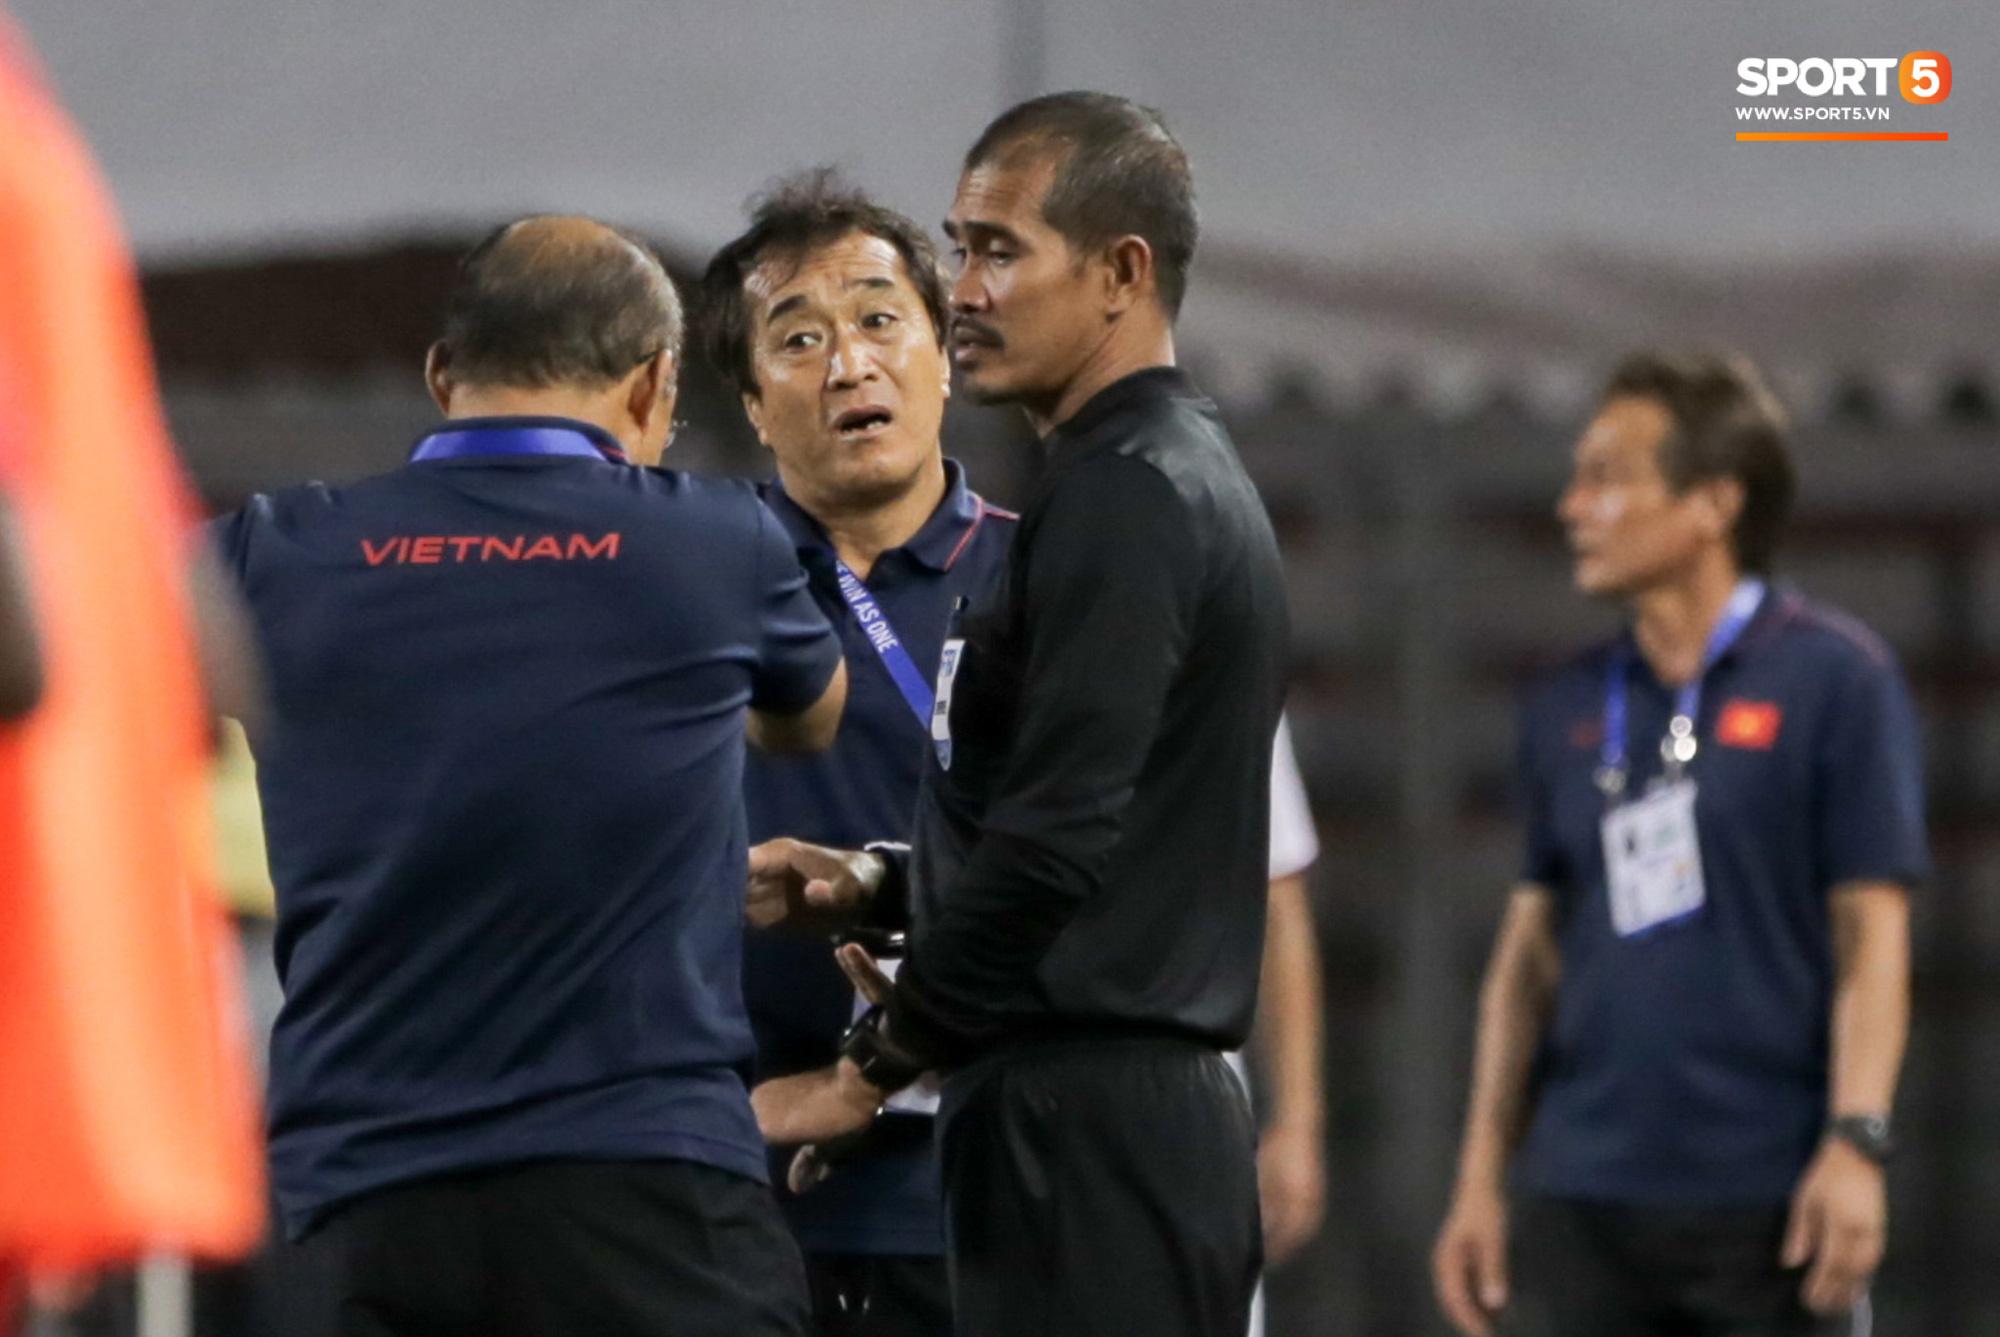 Khoảnh khắc không có trên tivi: HLV Park Hang-seo tung ánh mắt hình viên đạn về phía trọng tài chính sau trận thắng của Việt Nam - Ảnh 6.